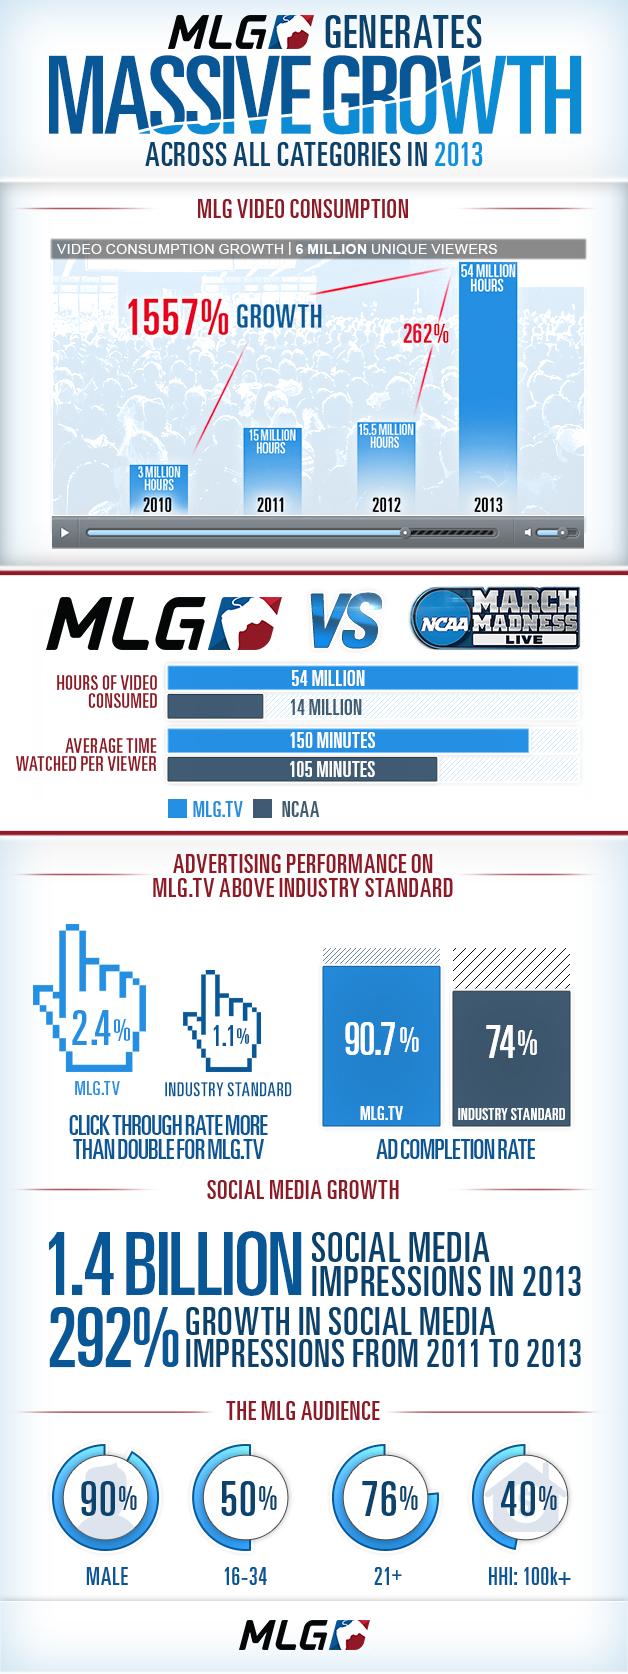 MLG 視聴時間が去年と比べ262%、4年間で1557%の伸び (2)